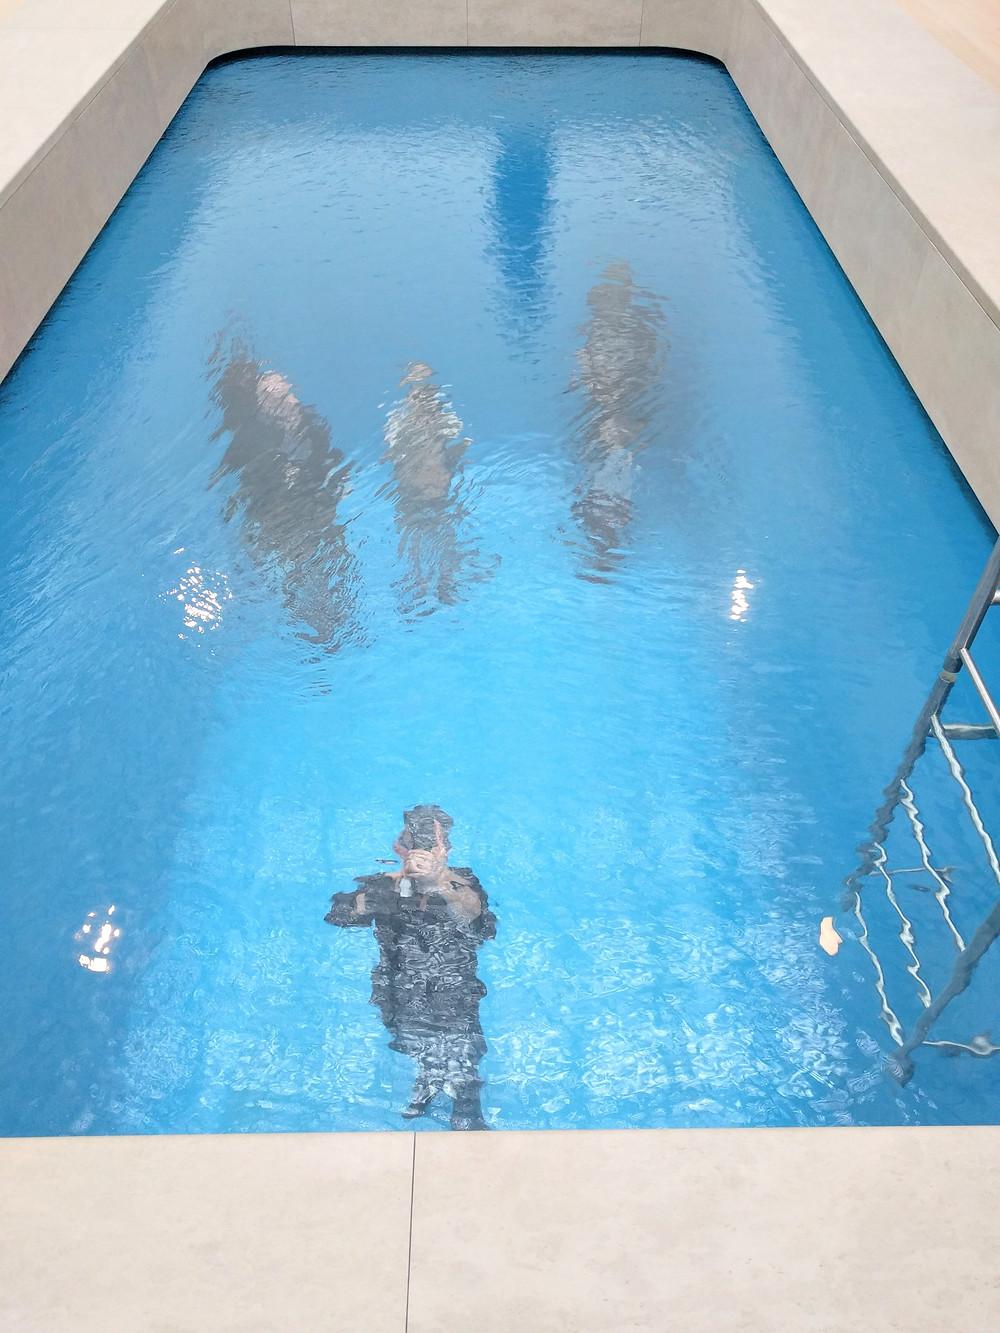 לשחות בברכה מבלי להרטב